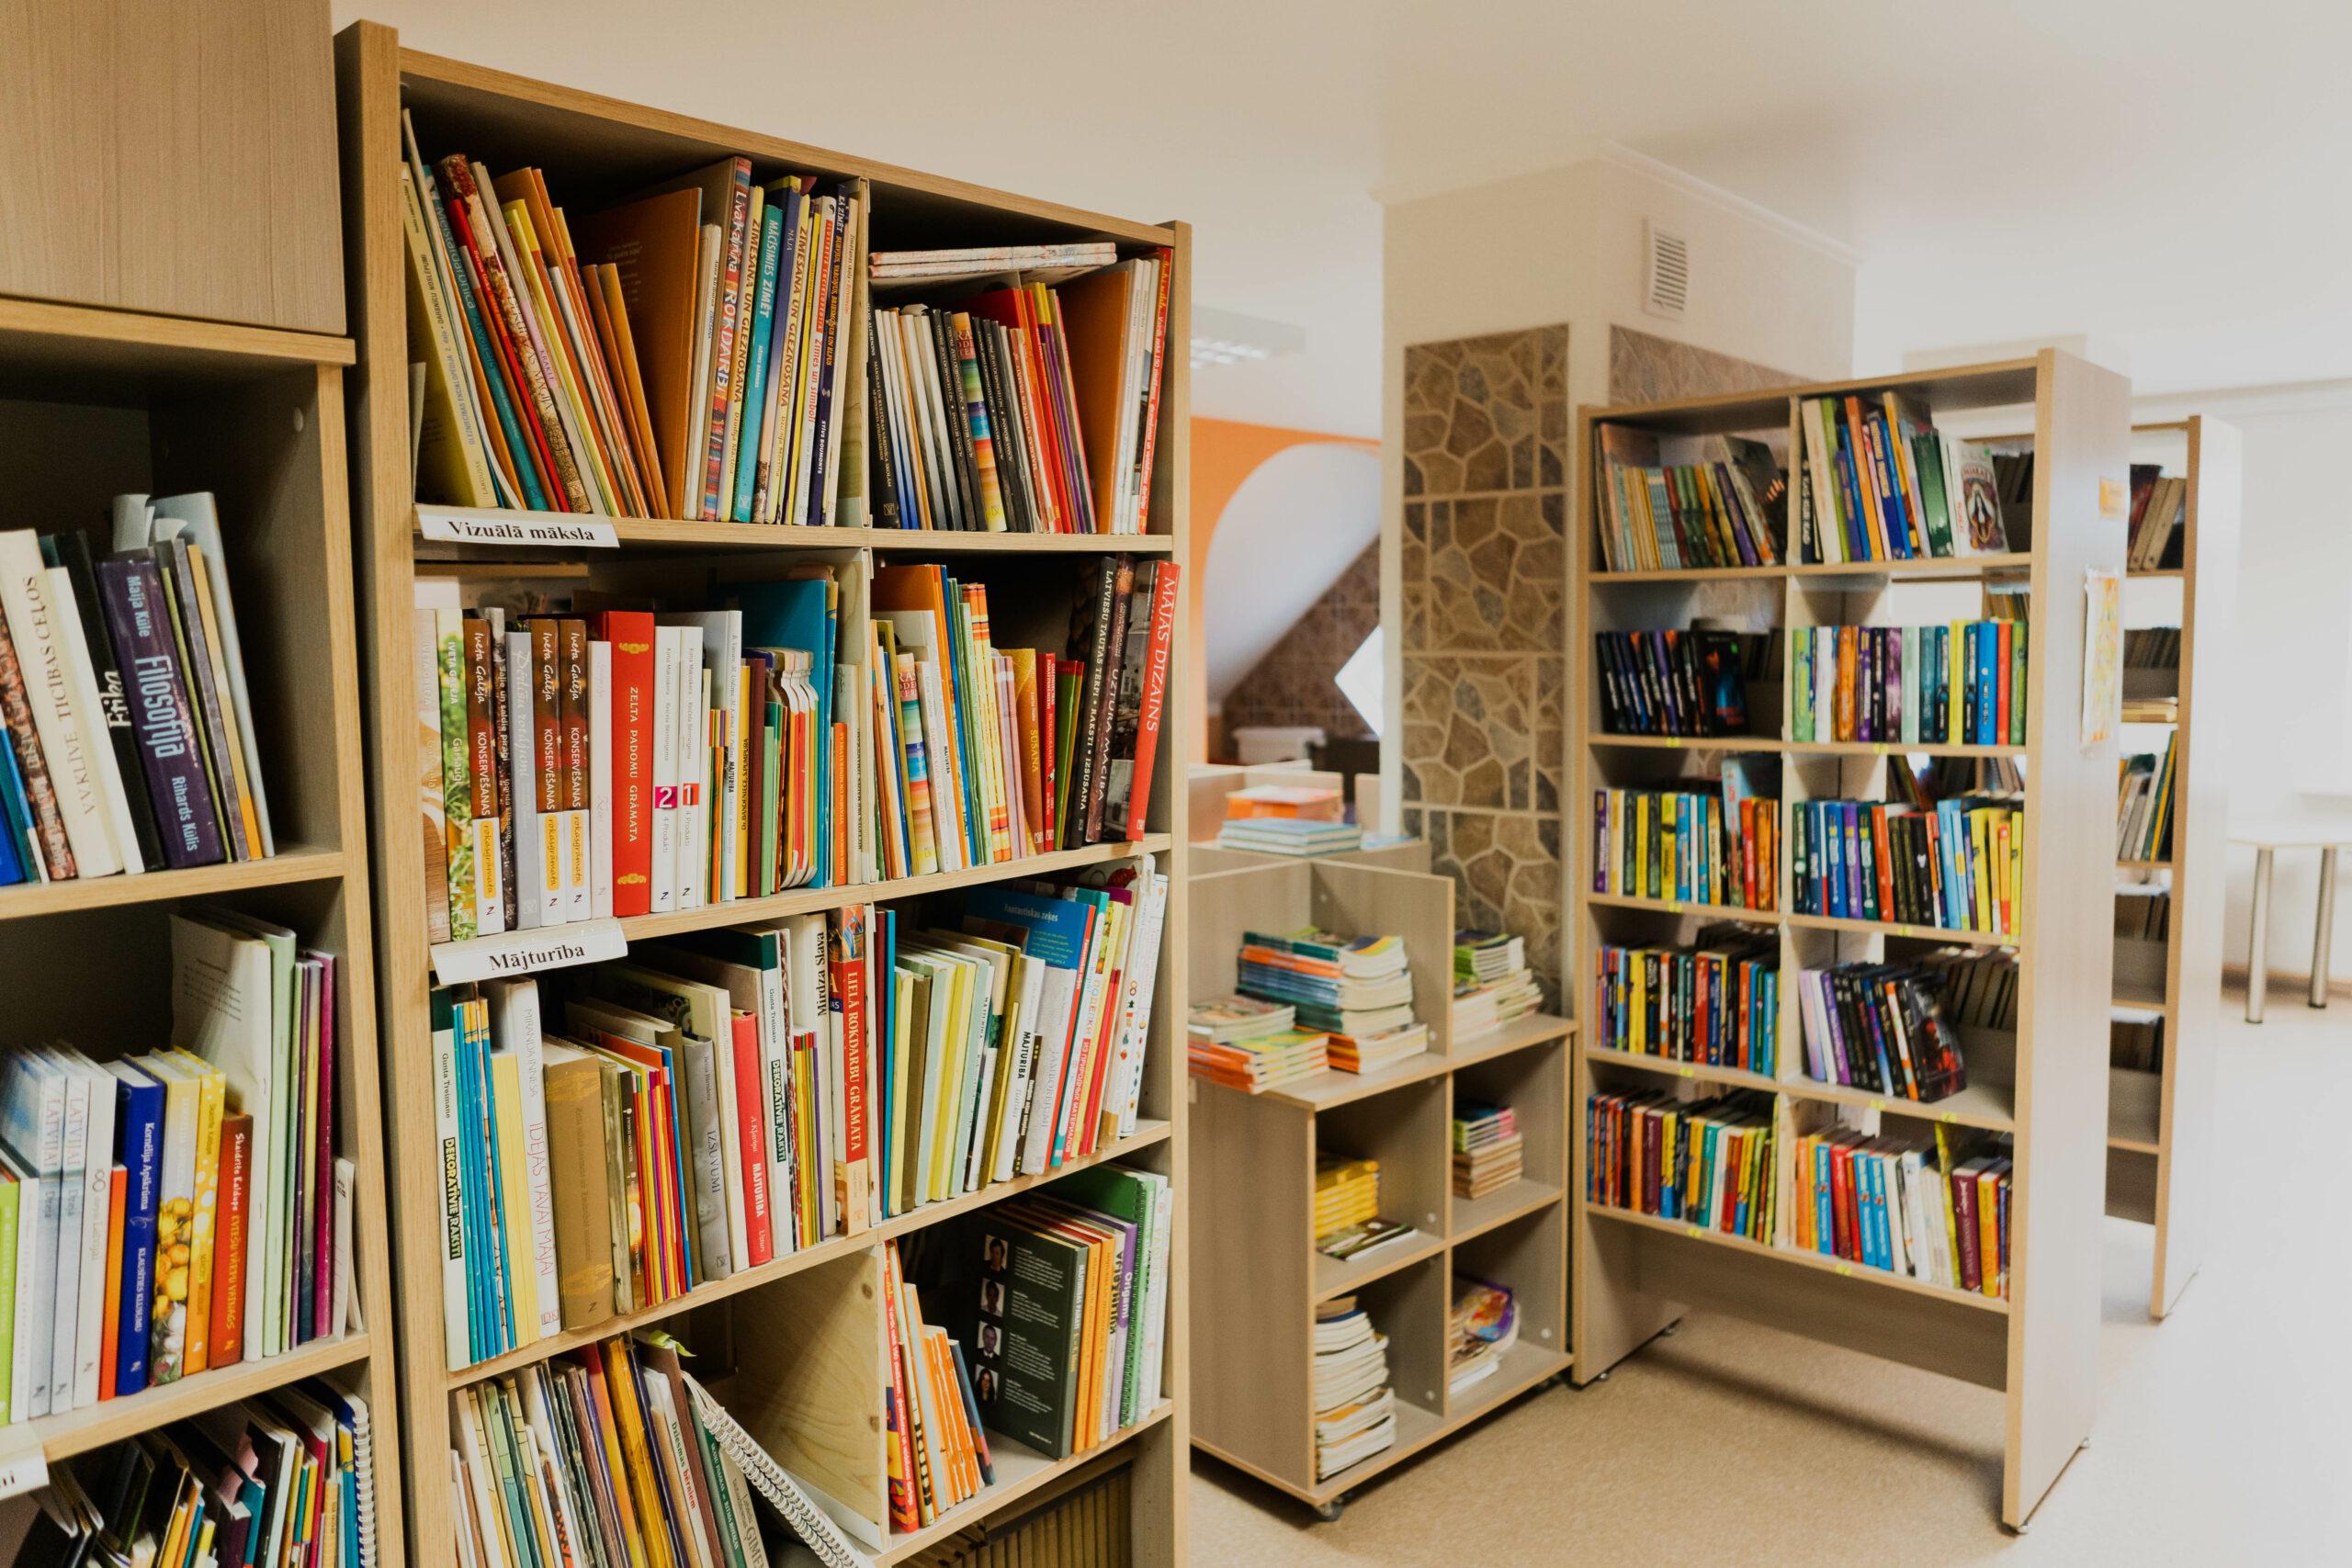 bibliotēkas plaukti ar grāmatām